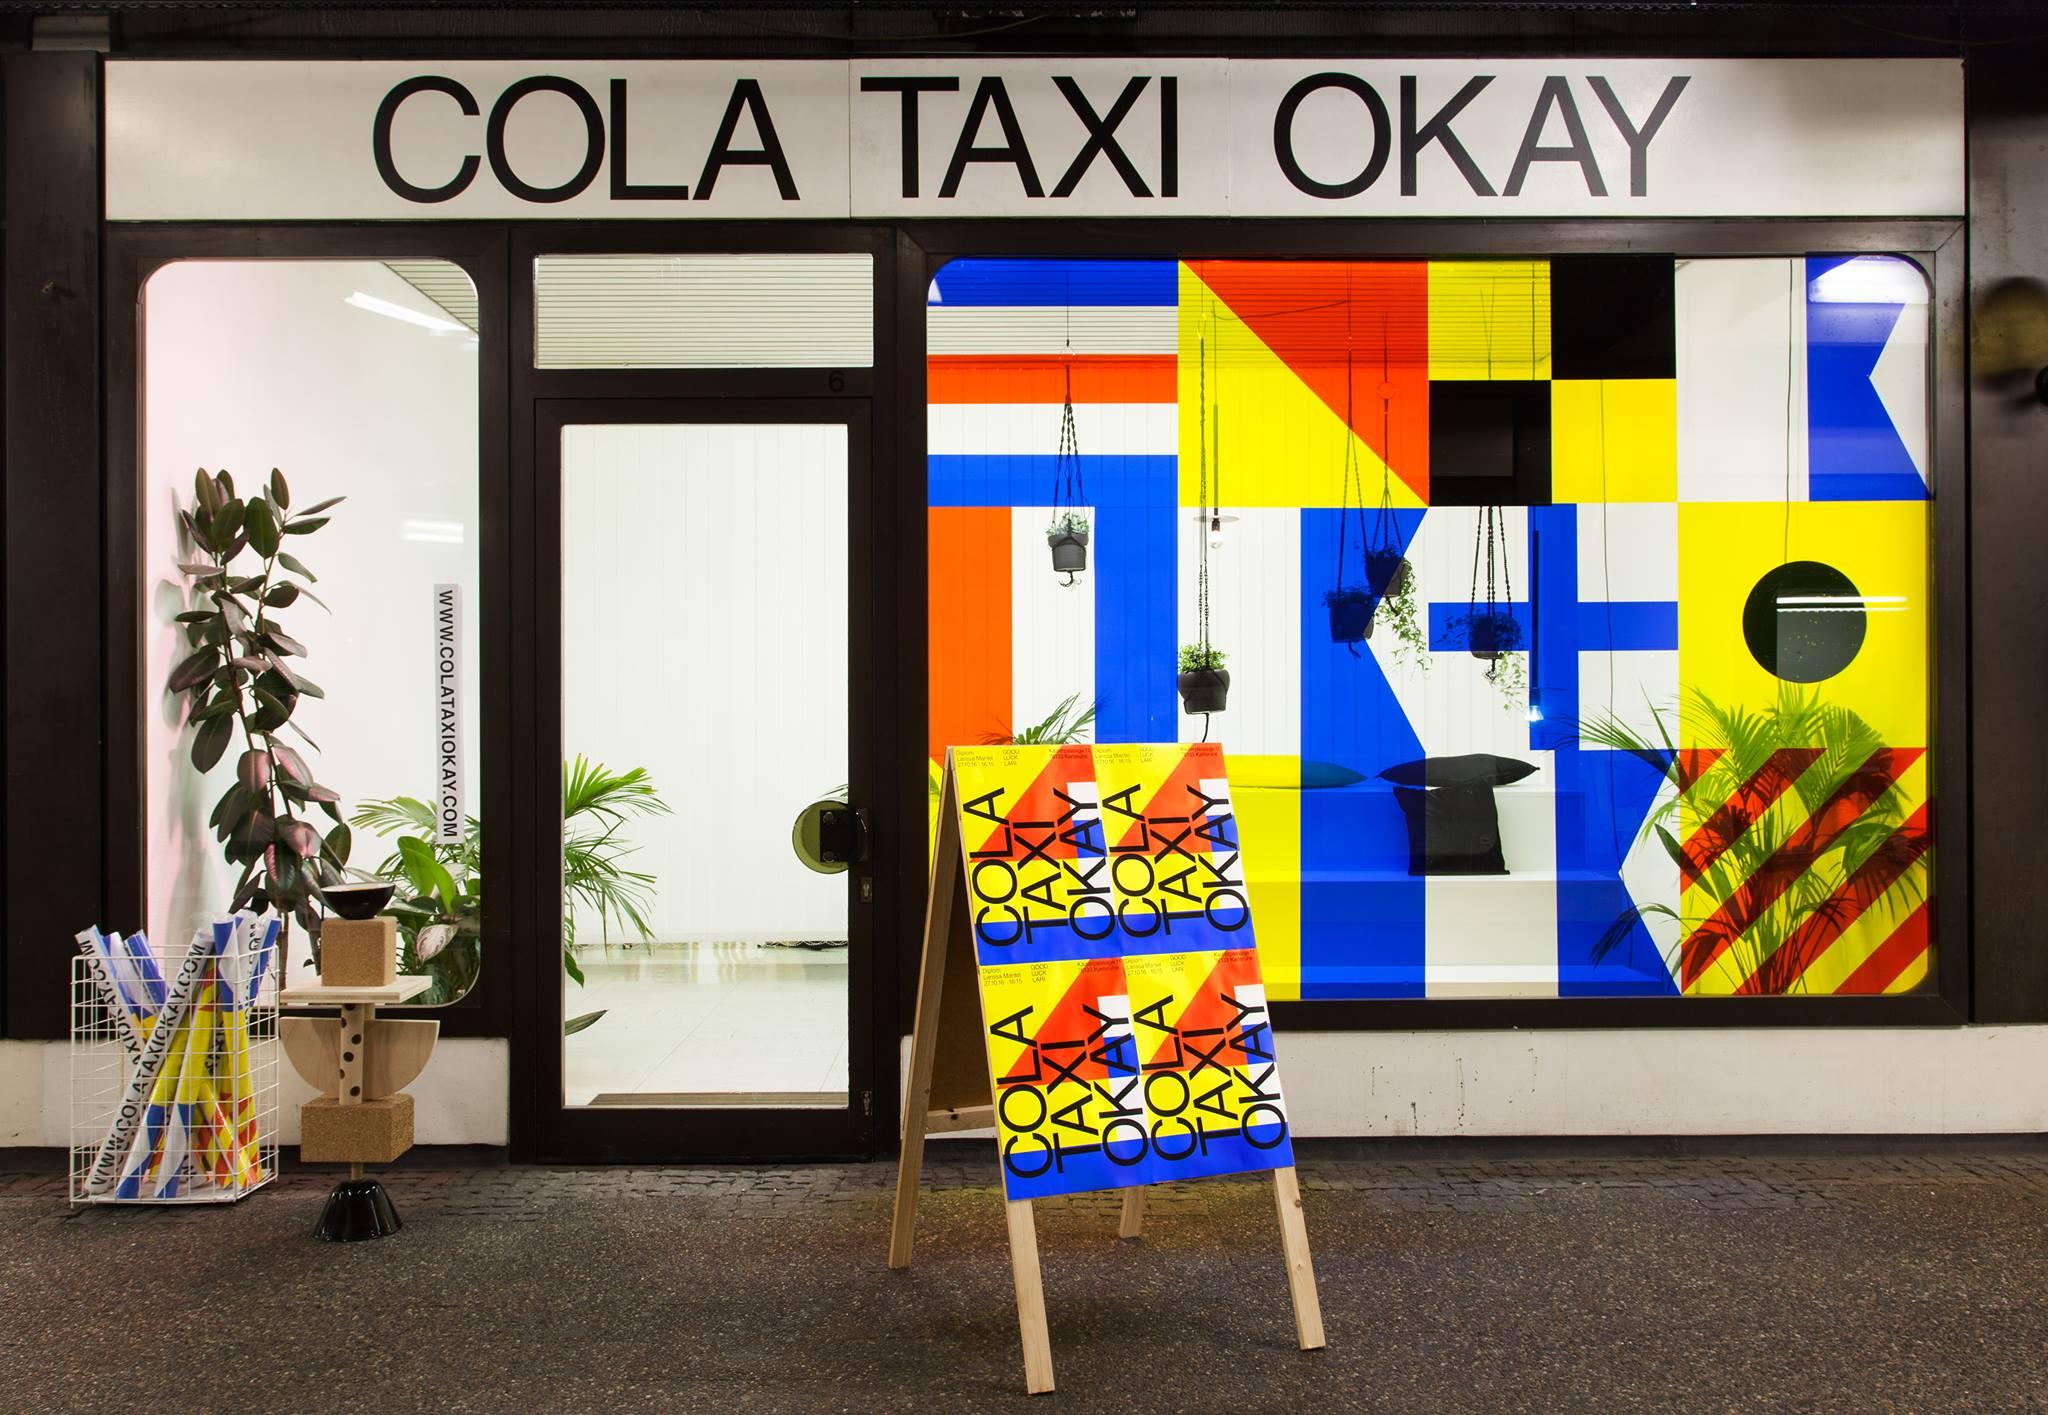 Projektraum COLA TAXI OKAY von außen